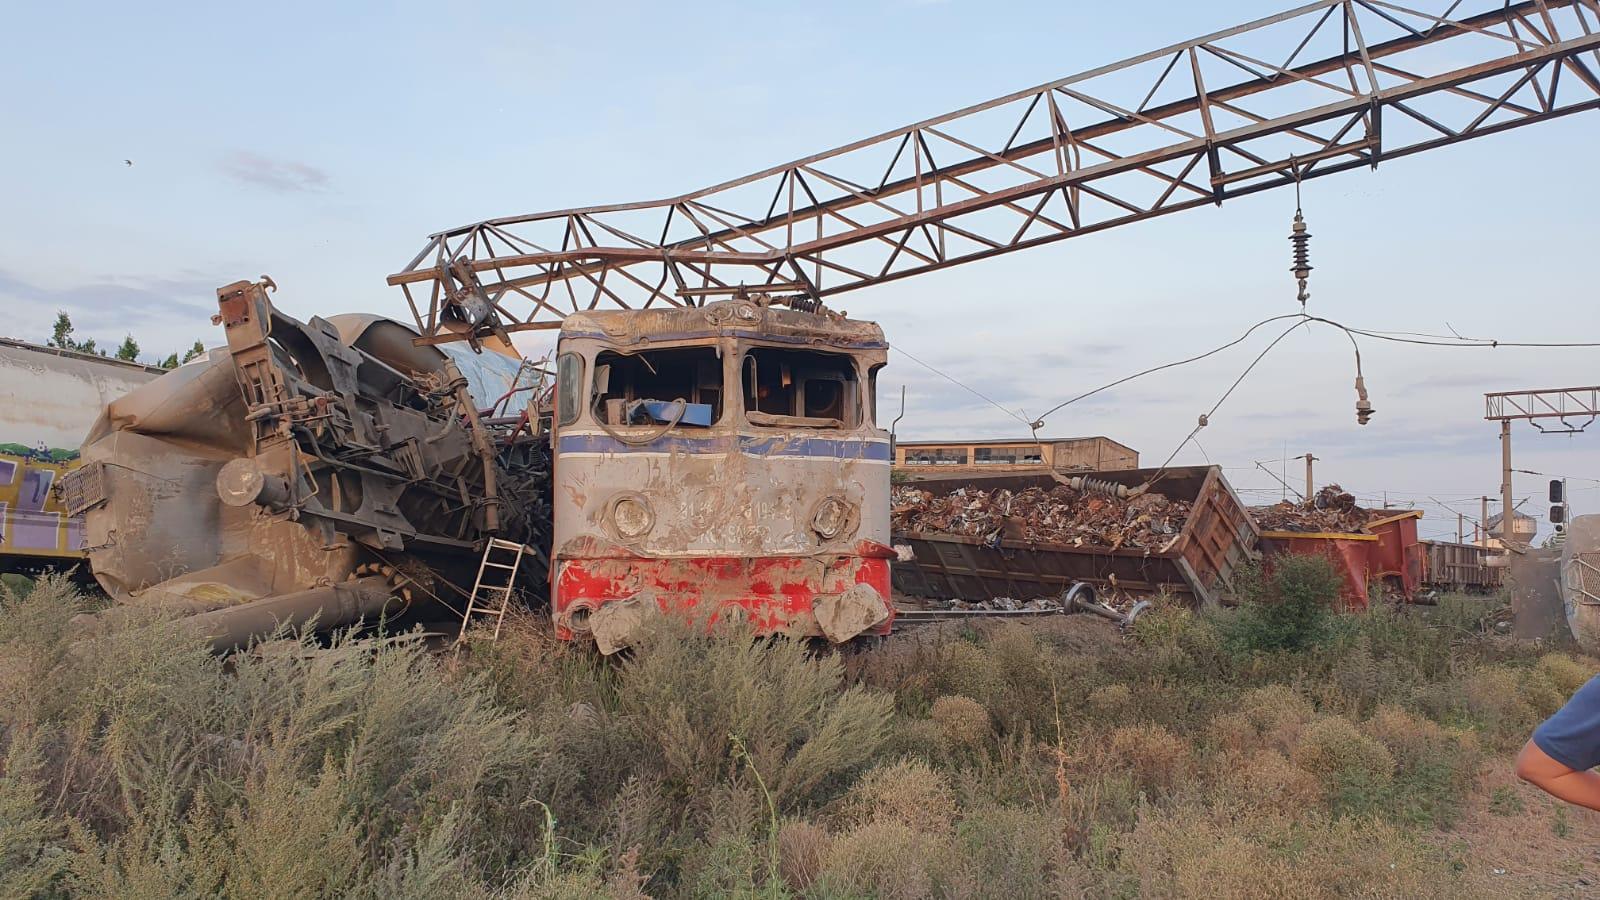 Ministrul Transporturilor: Operatorul privat al cărui tren a provocat accidentul de la Fetești nu va mai putea funcţiona